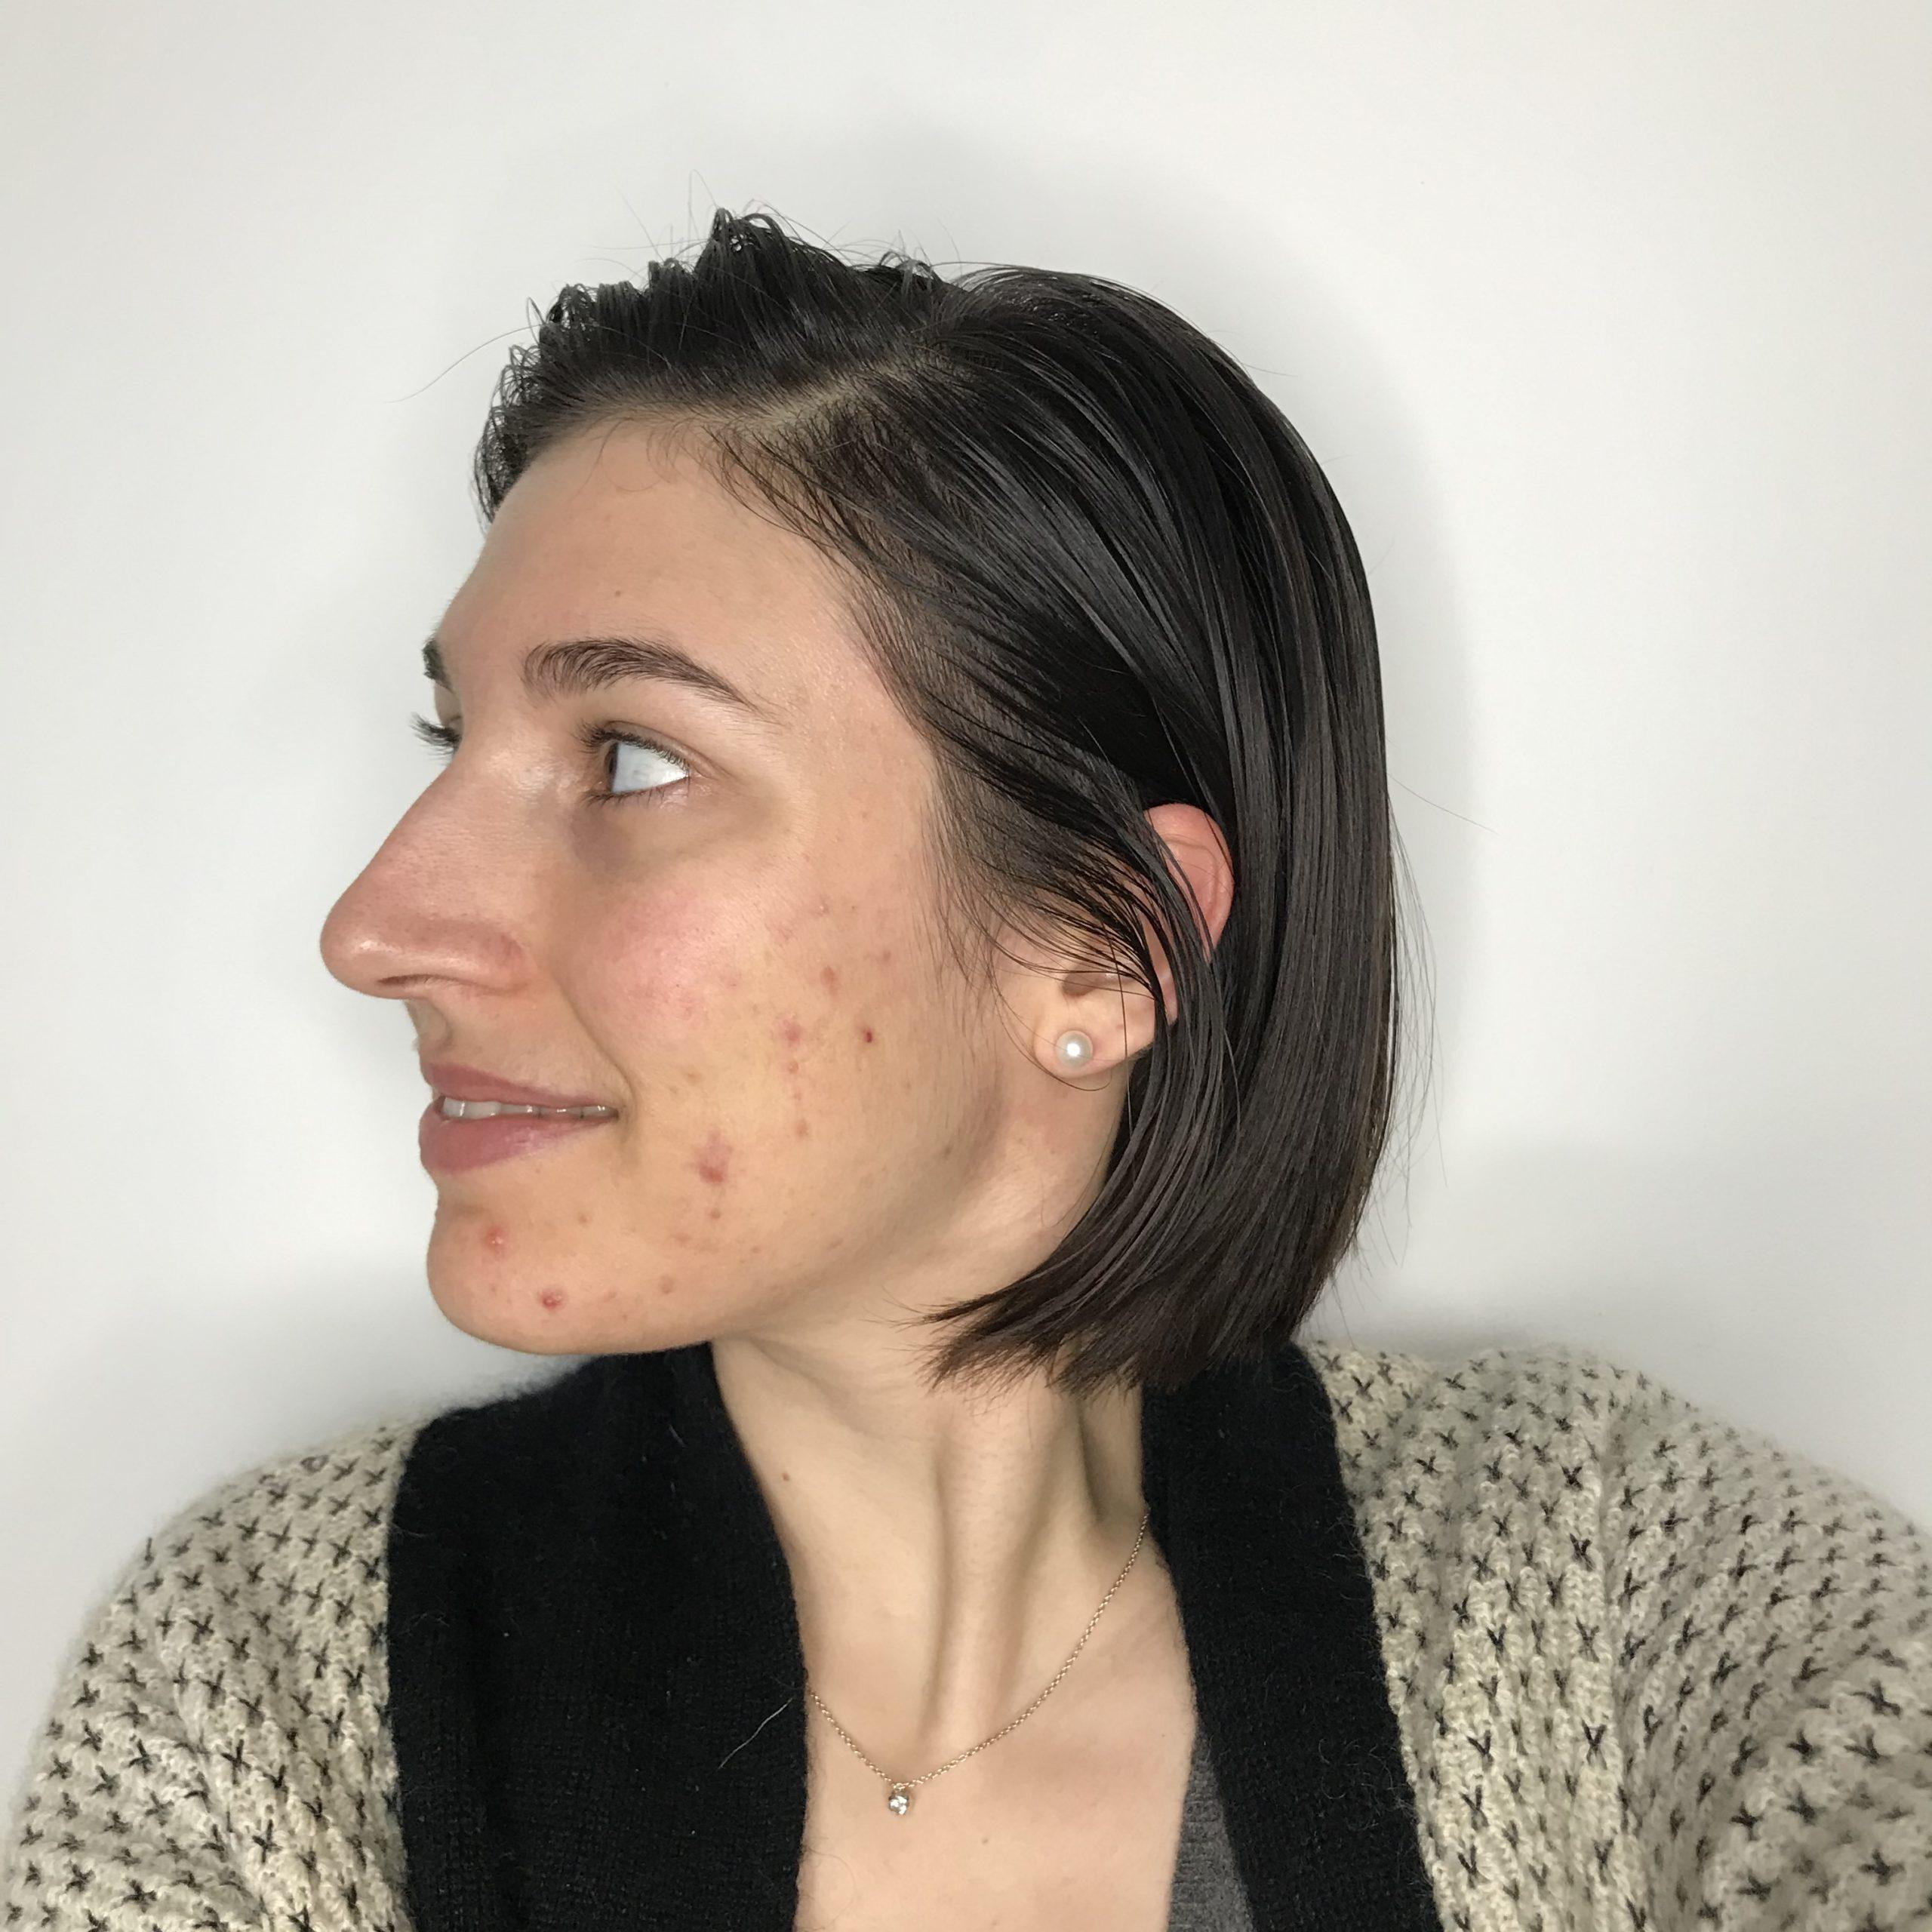 Après 5 semaines de face